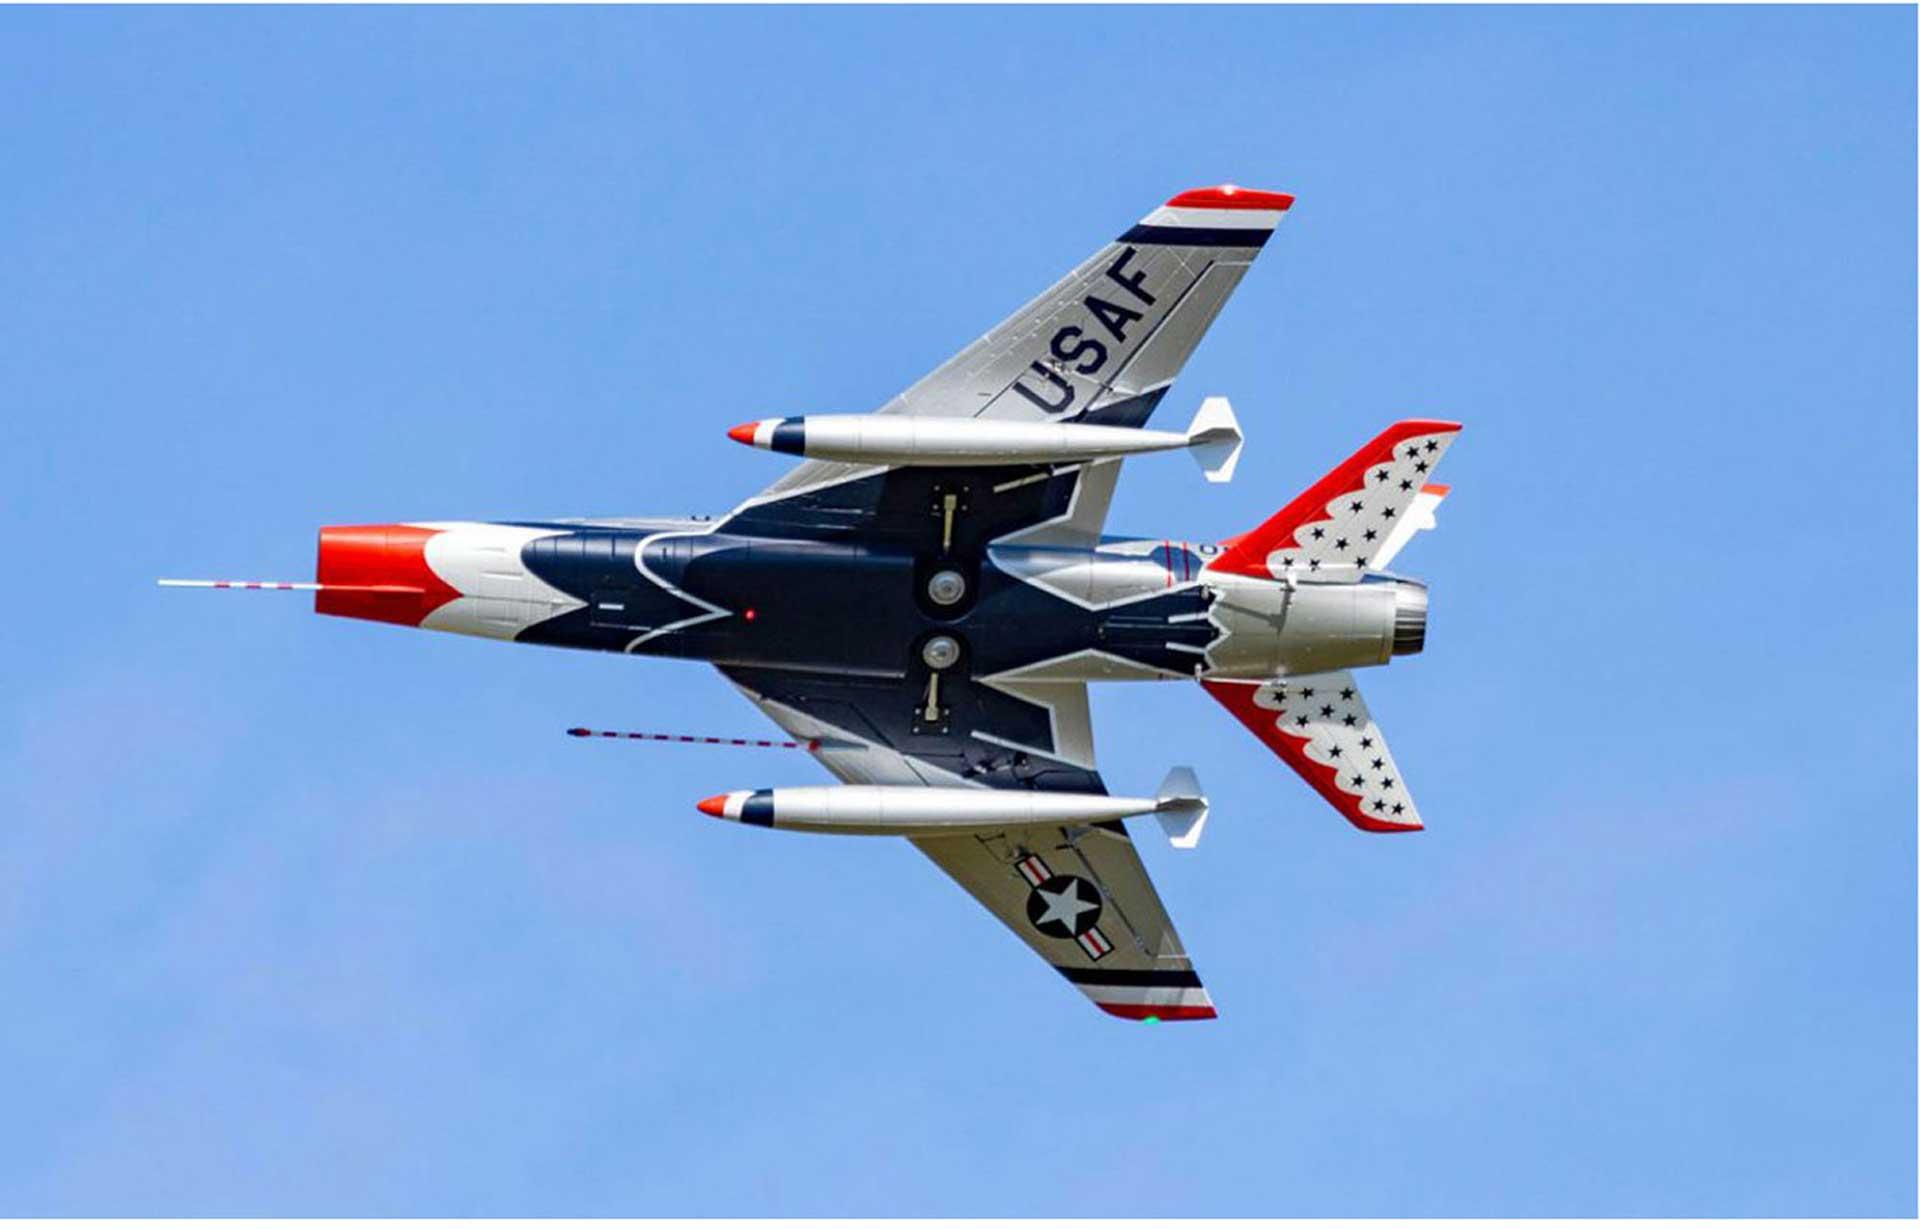 PREMIER AIRCRAFT F-100D SILVER E-IMPELLER JET